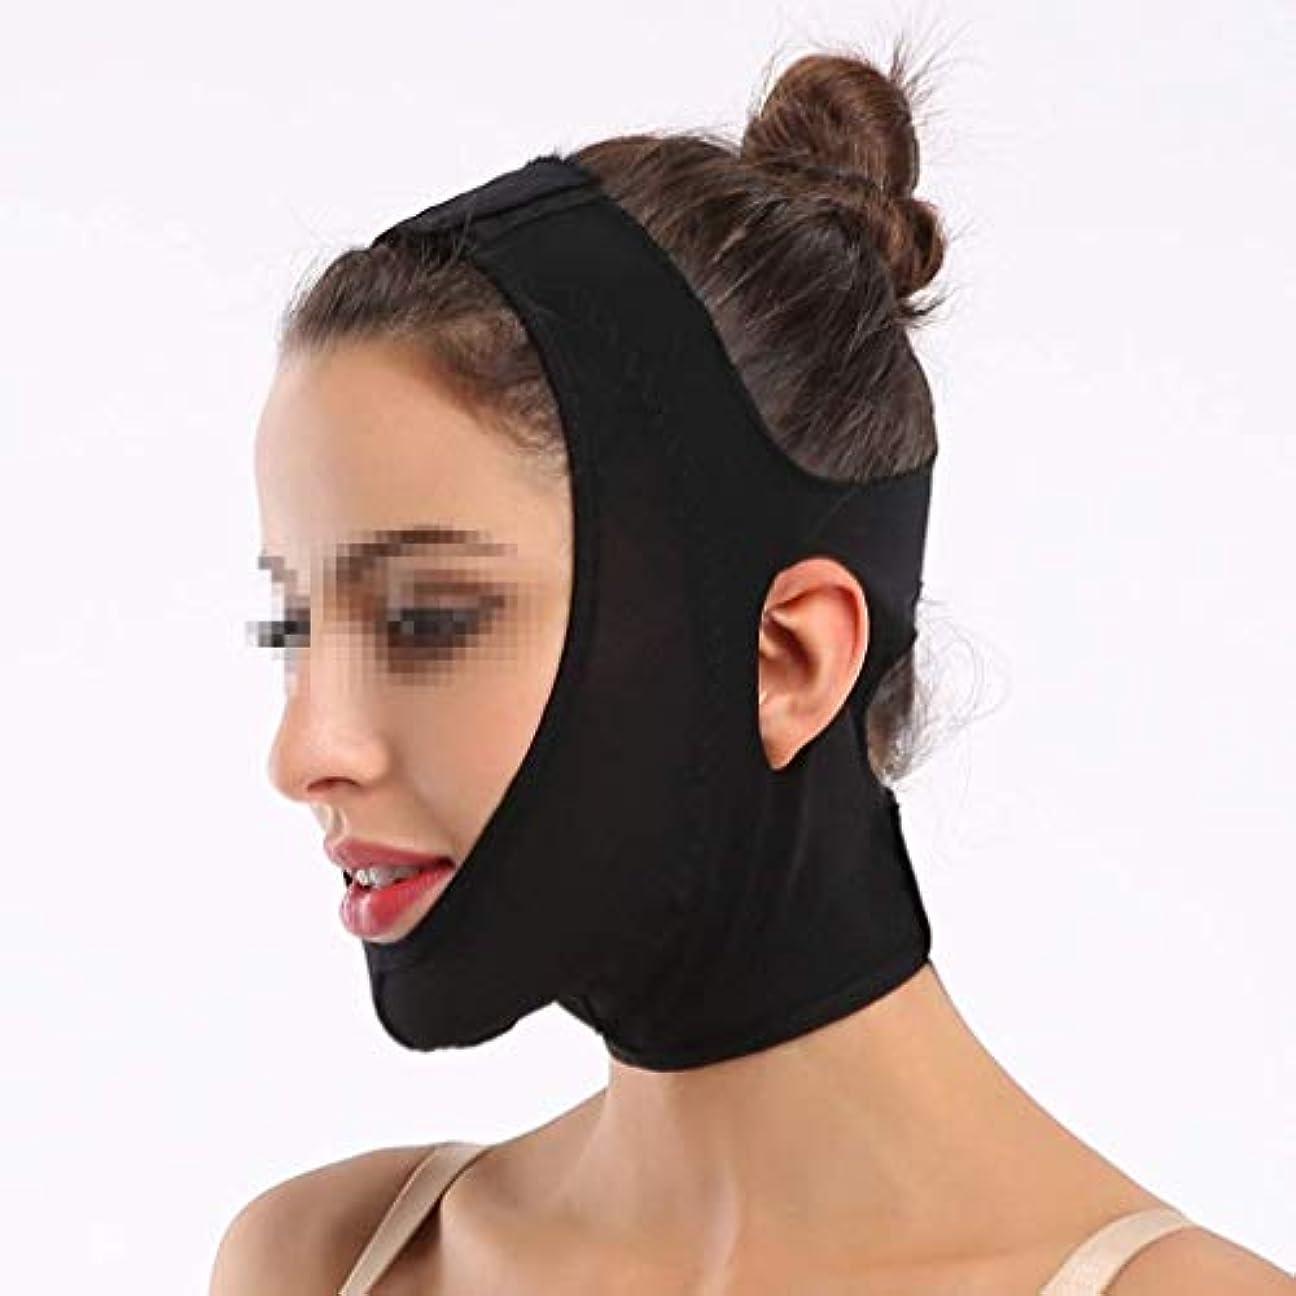 ショット同様に冷えるVフェイスマスク、バンデージマスクリフティングとタイトニングスキニービューティーサロン2時間1日Vフェイスマッサージ術後回復